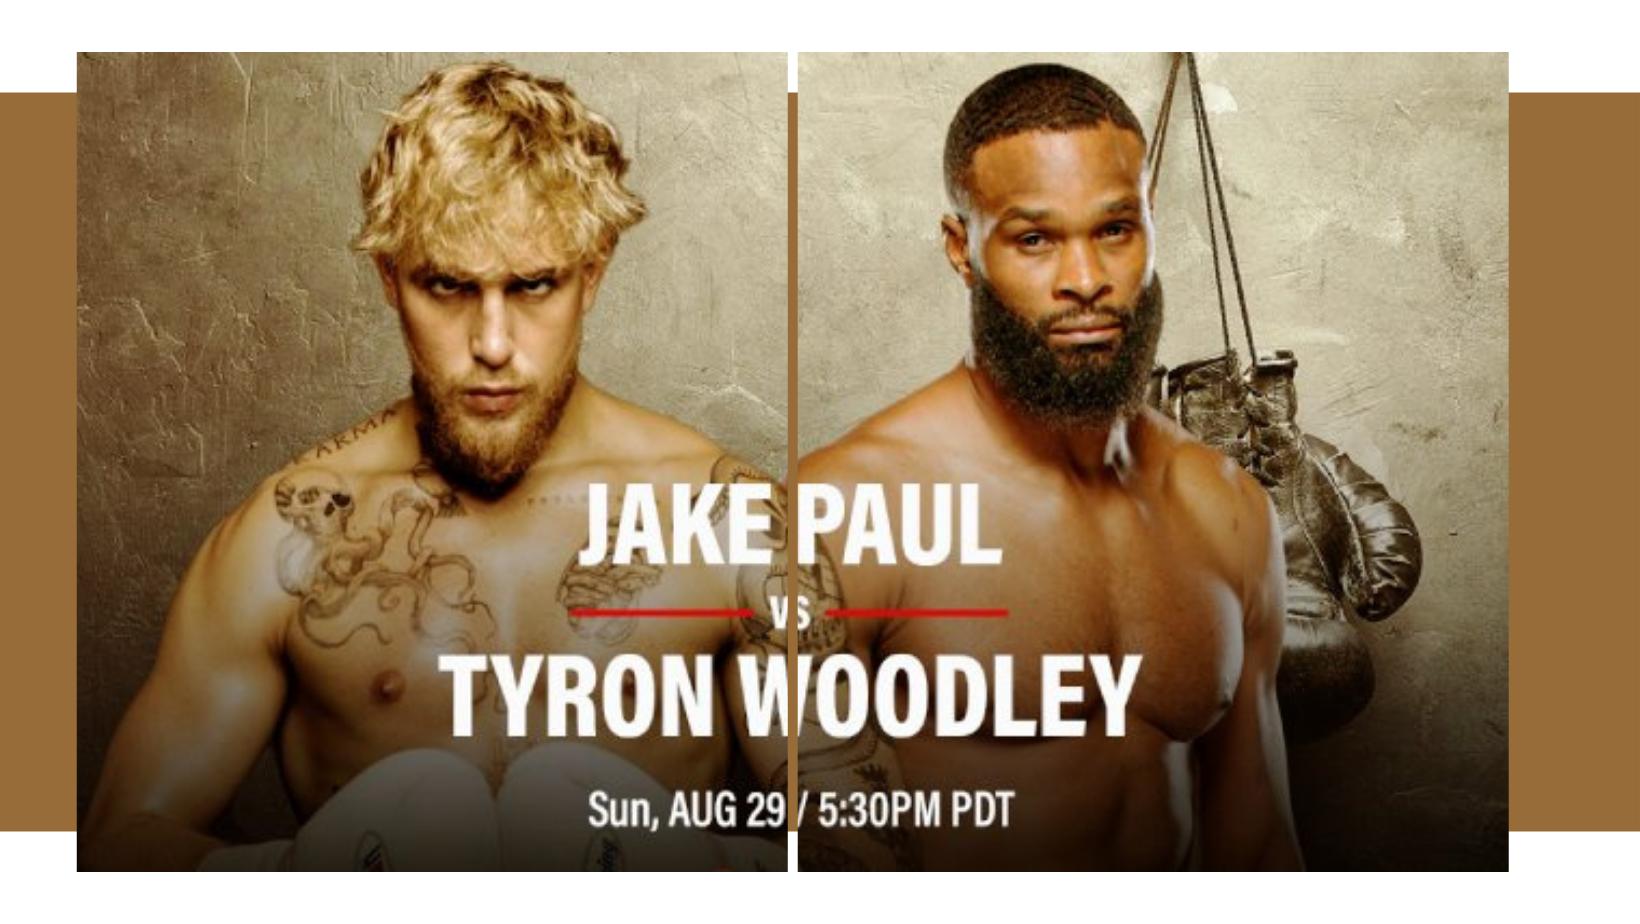 Jake Paul vs. Tyrone Woodley